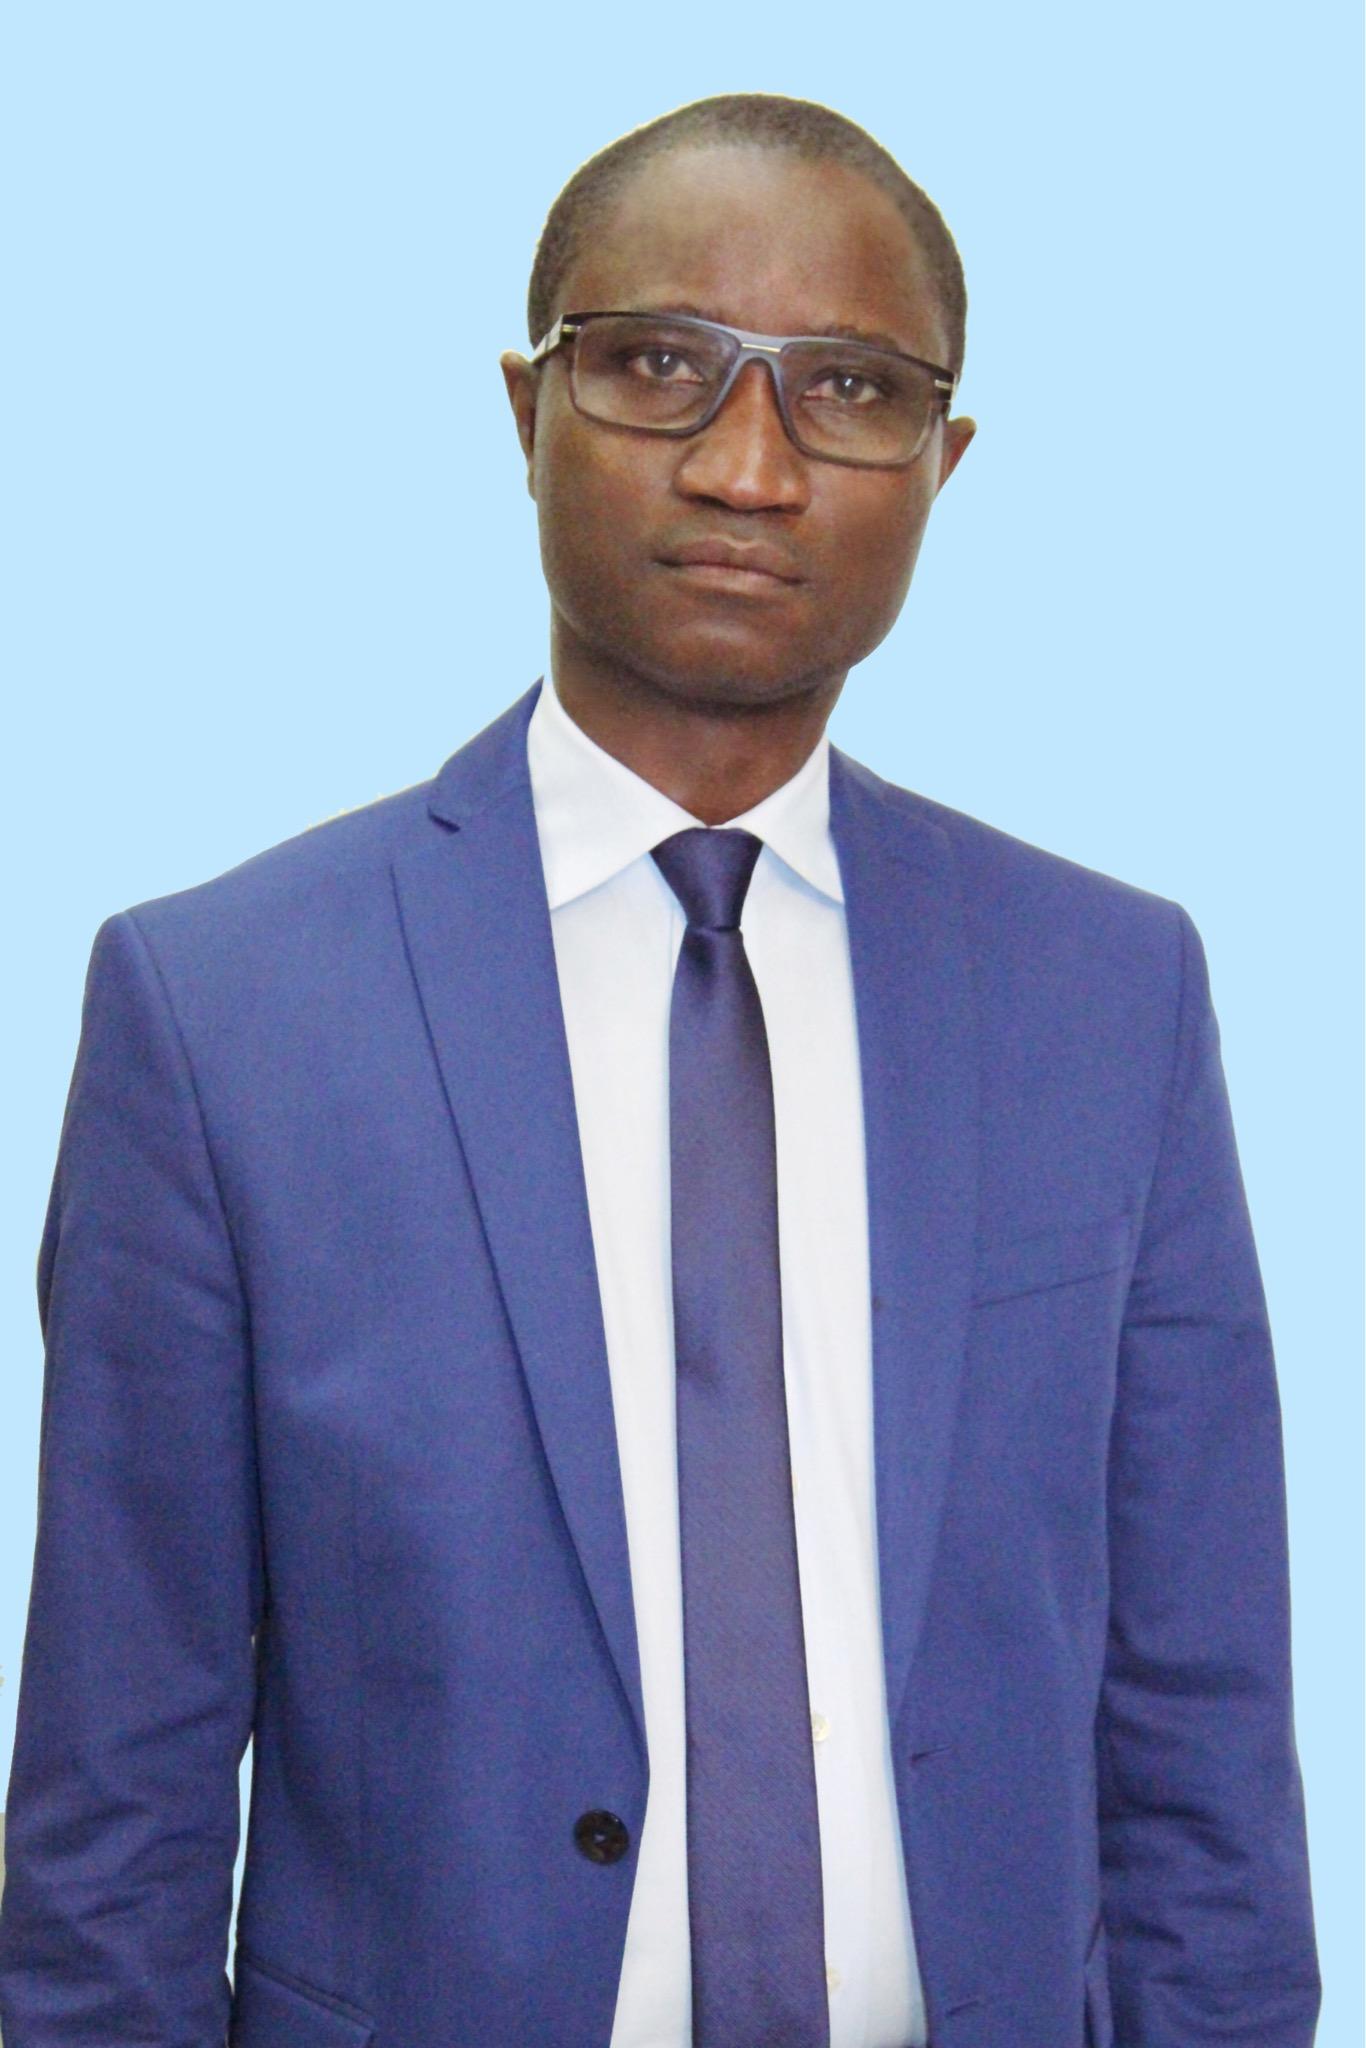 La nomination du frère du président à la tête de la Caisse des Dépôts démontre qu'il est urgent de moraliser la vie publique.